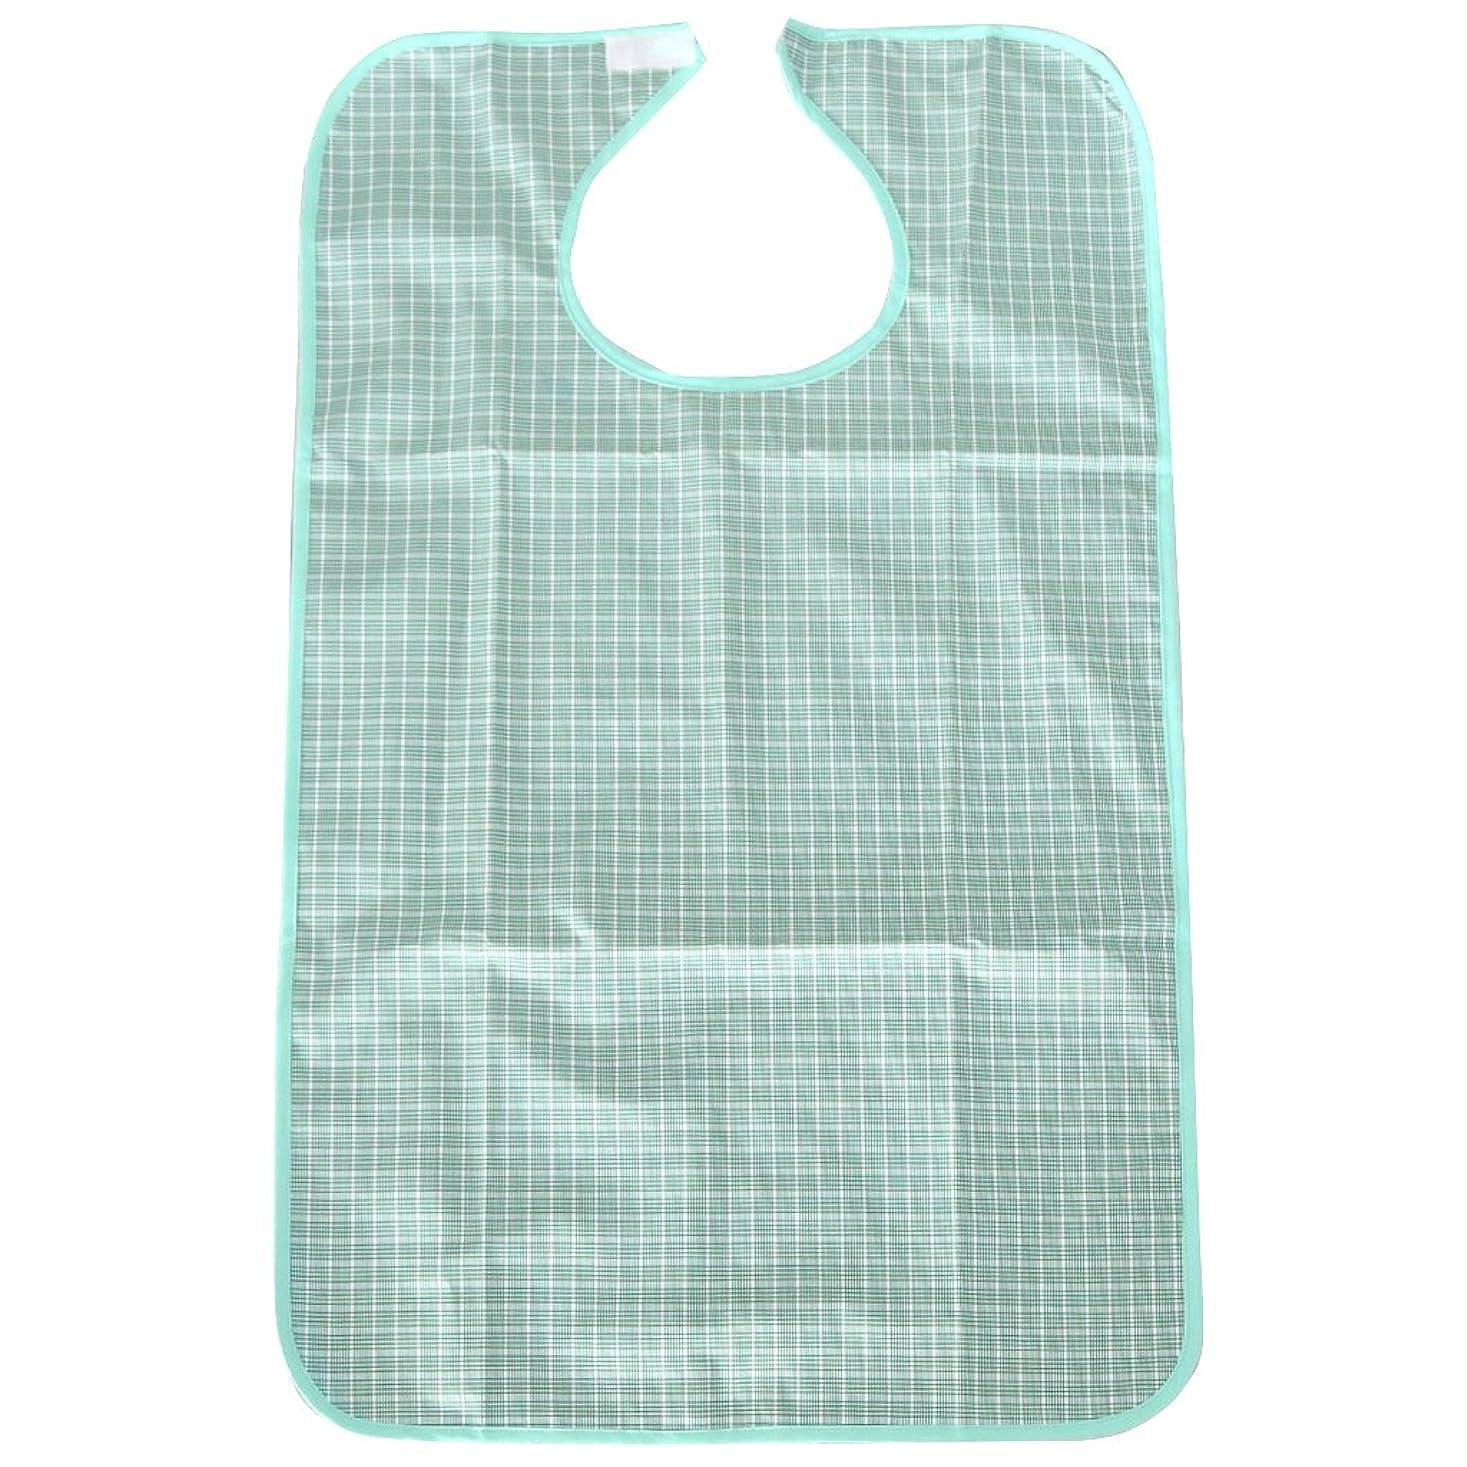 マークダウン貫通する独裁ビブ 食事 大人ビブ エプロン アダルトビブ 防水 衣類保護 障害 介護用 4色選べ - ライトグリーン